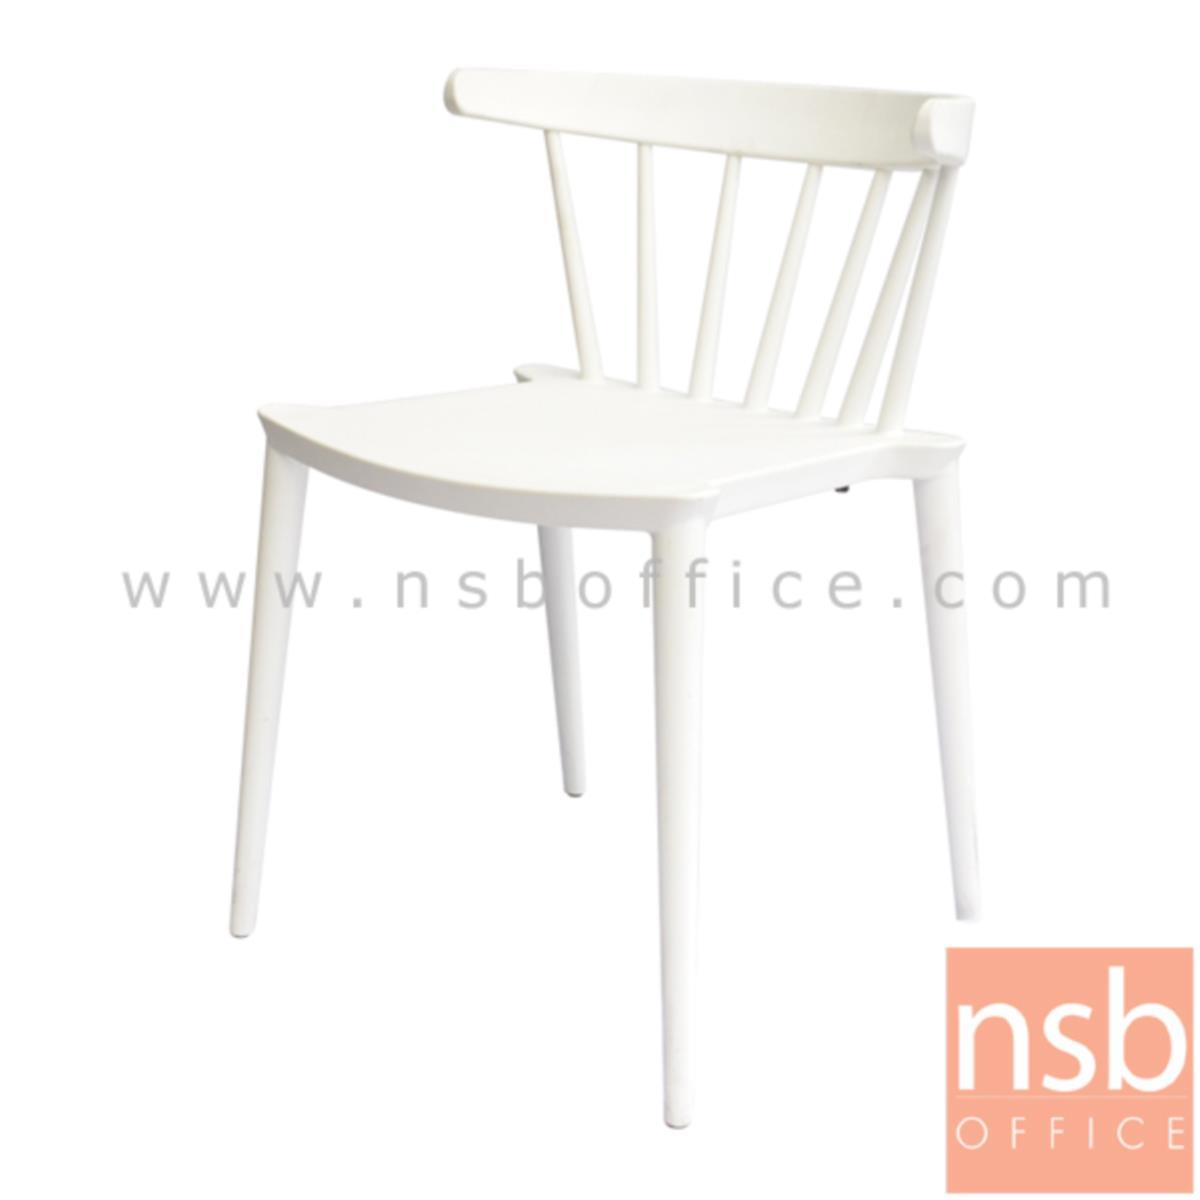 B29A162:เก้าอี้โมดิร์นพลาสติกโพลี่(PP)ล้วน รุ่น PN-92174 ขนาด 51W cm.